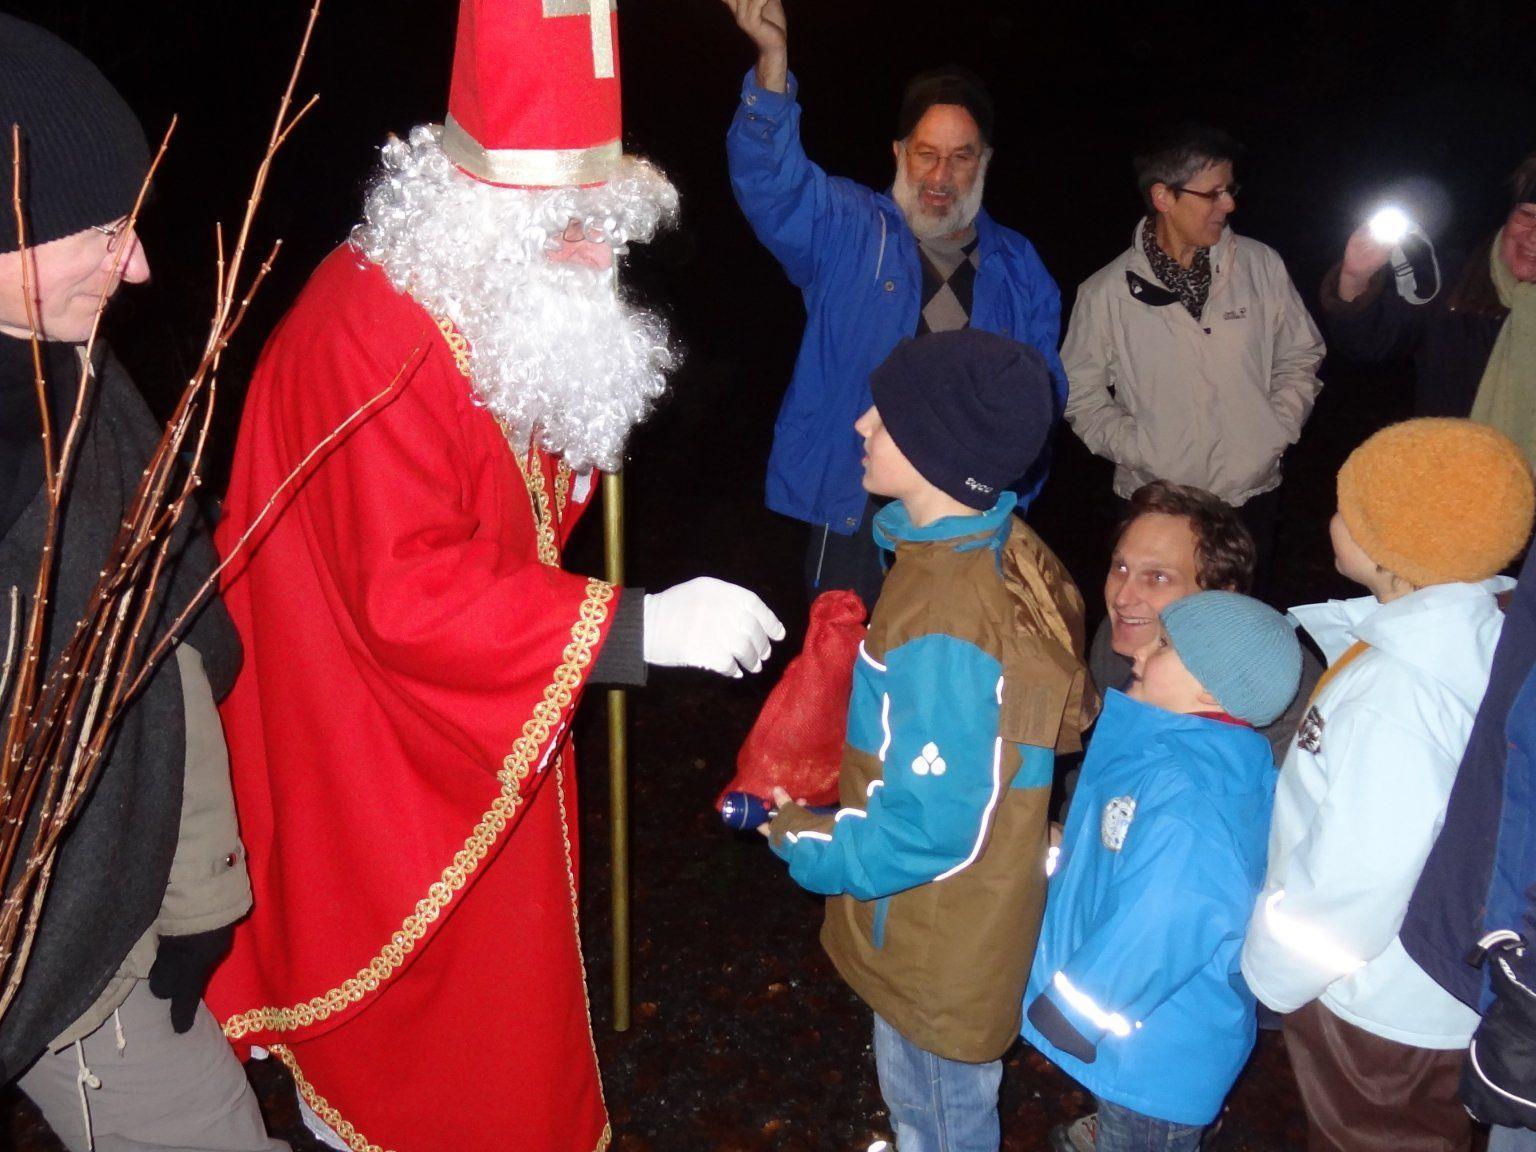 Die Kinder stehen an, um die Geschenke des Hl. Nilolaus entgegenzunehmen